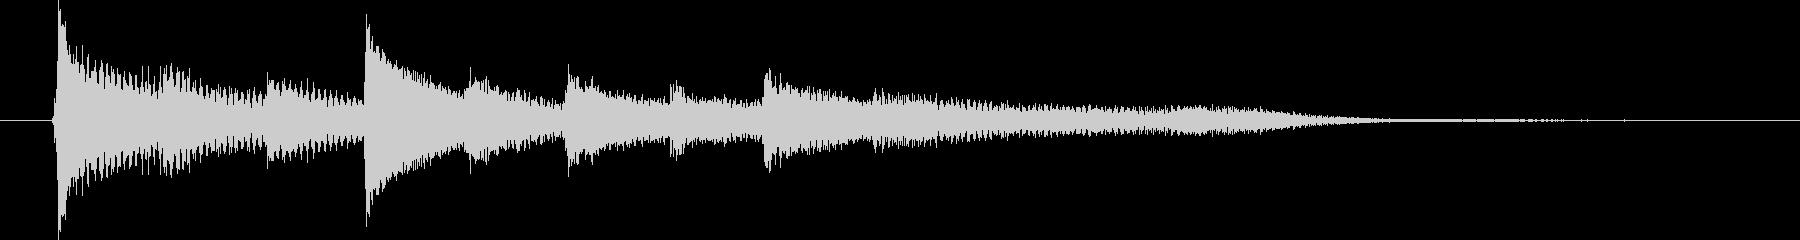 ピアノ転回音5の未再生の波形